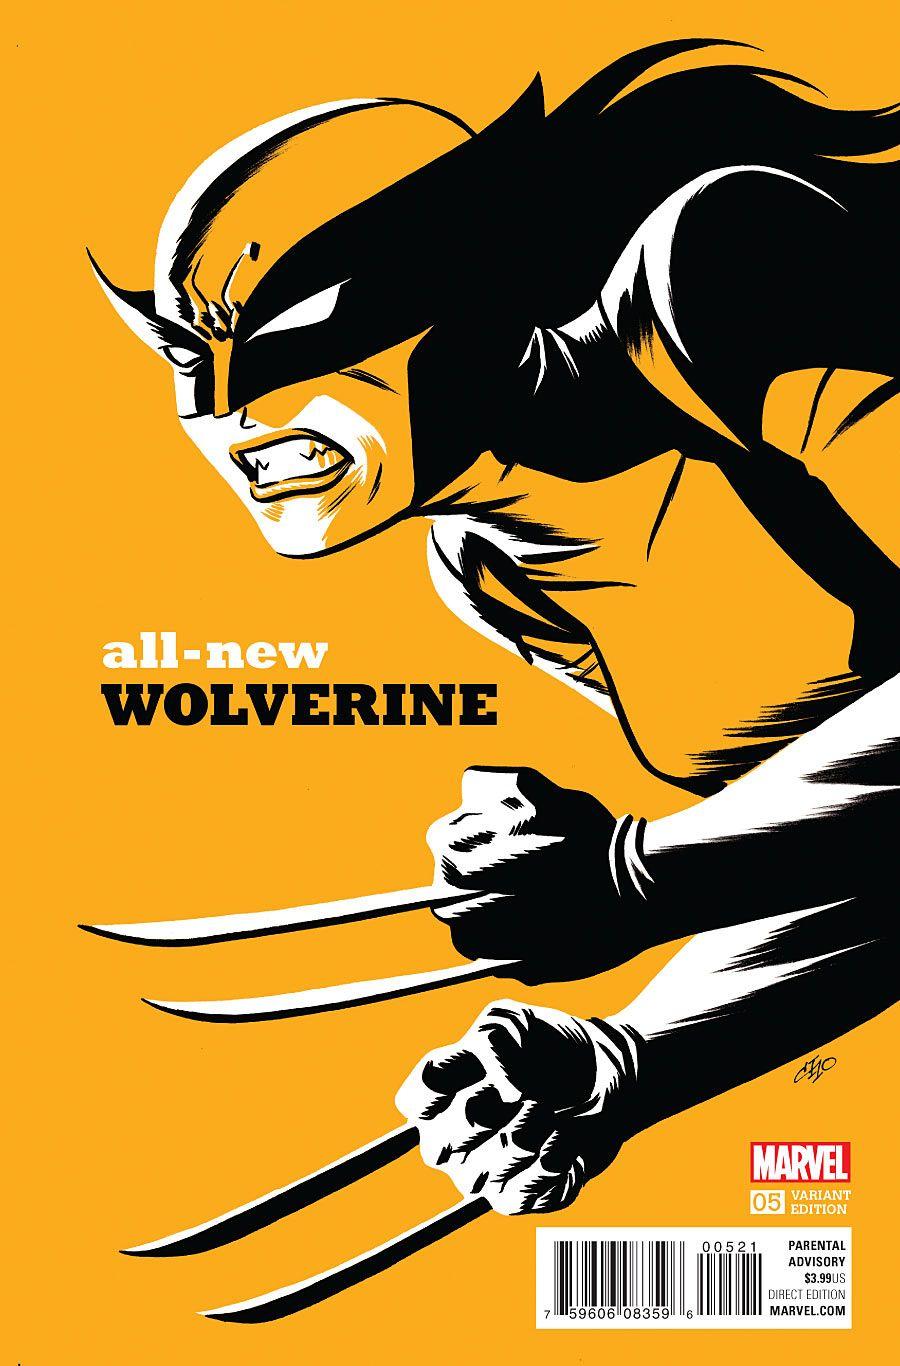 Wolverine (X-23)